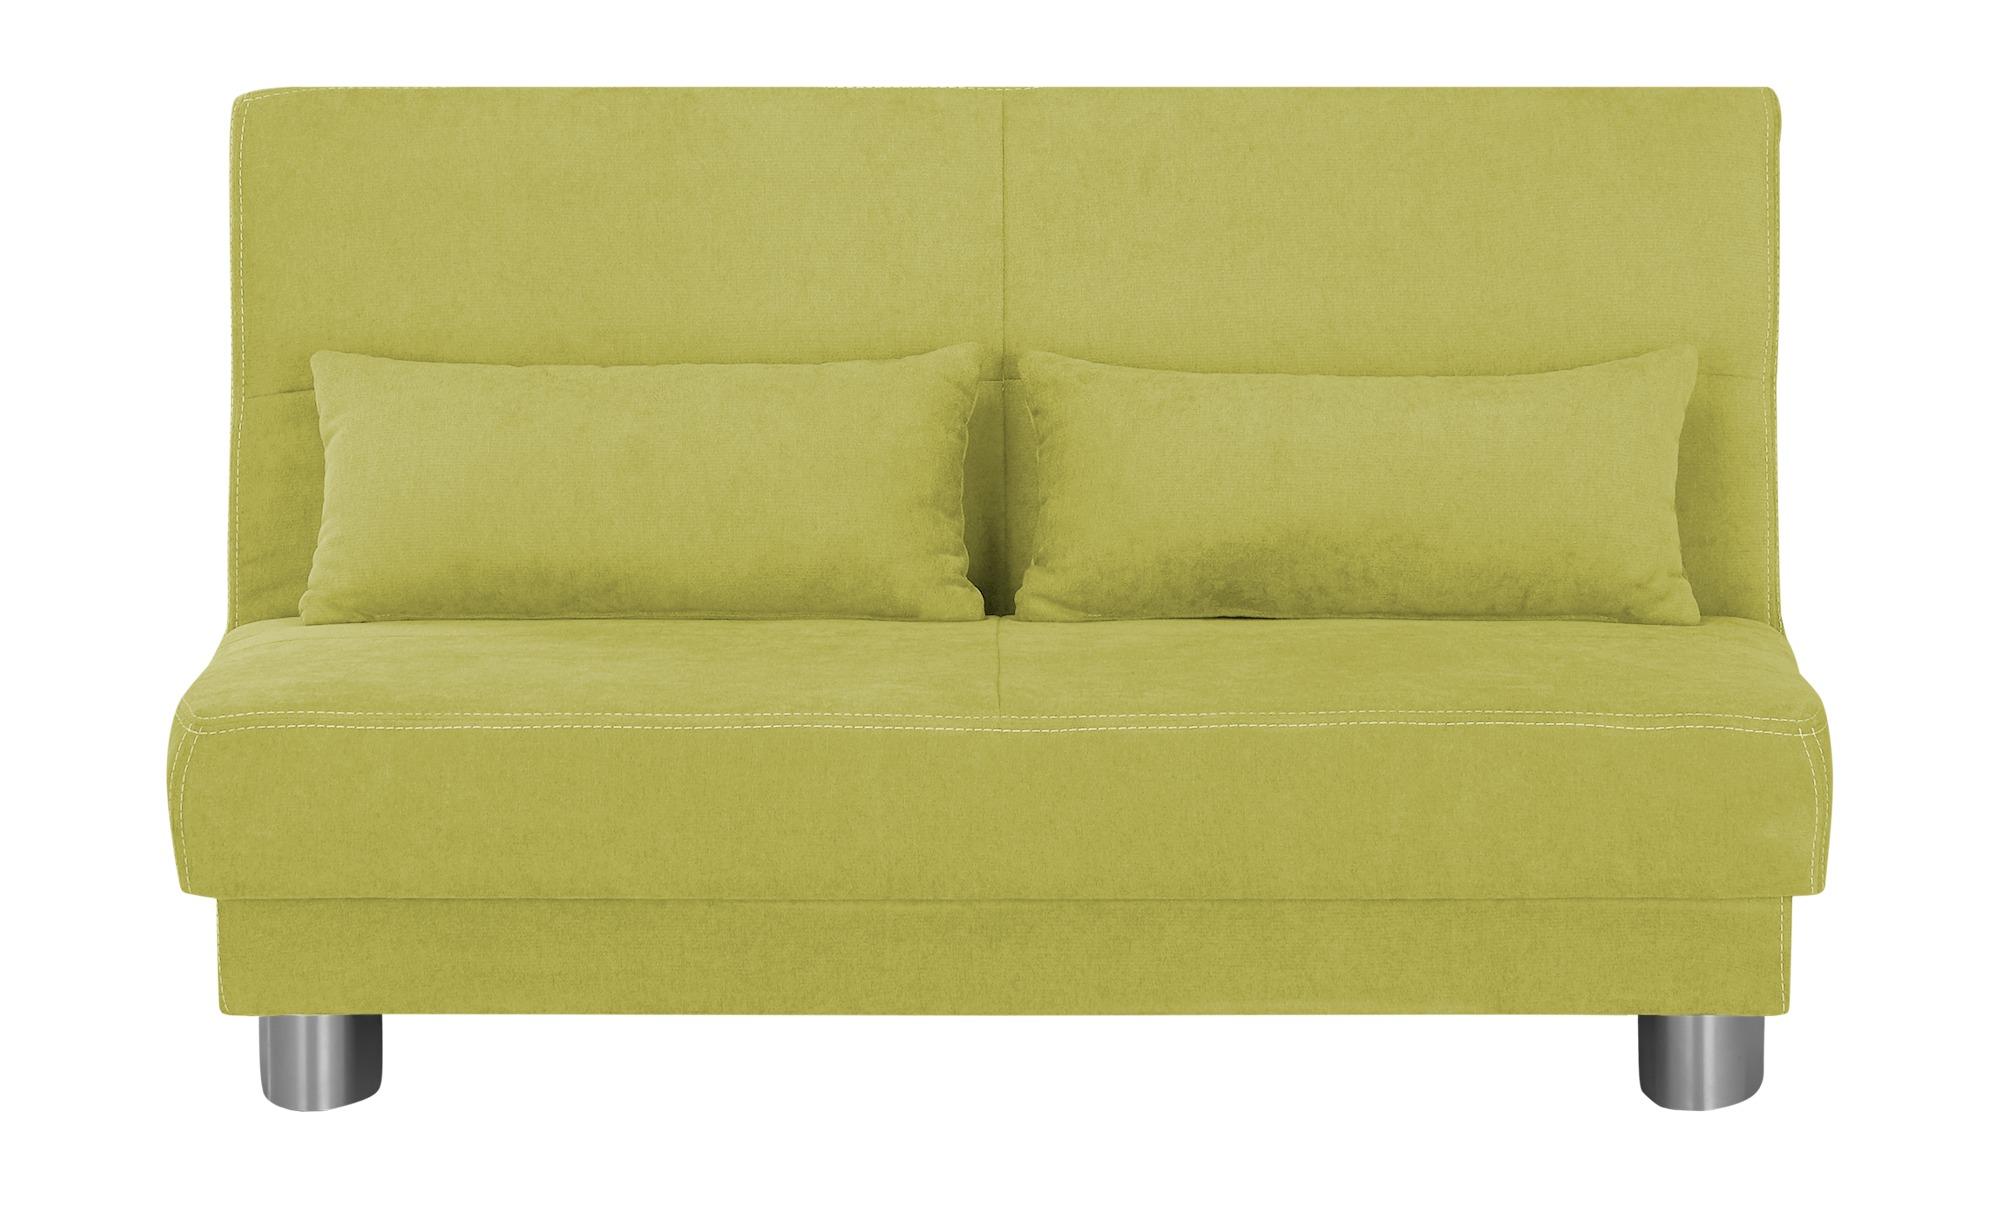 Schlafsofa  Gina ¦ grün ¦ Maße (cm): B: 140 H: 86 T: 95 Polstermöbel > Sofas > Einzelsofas - Höffner